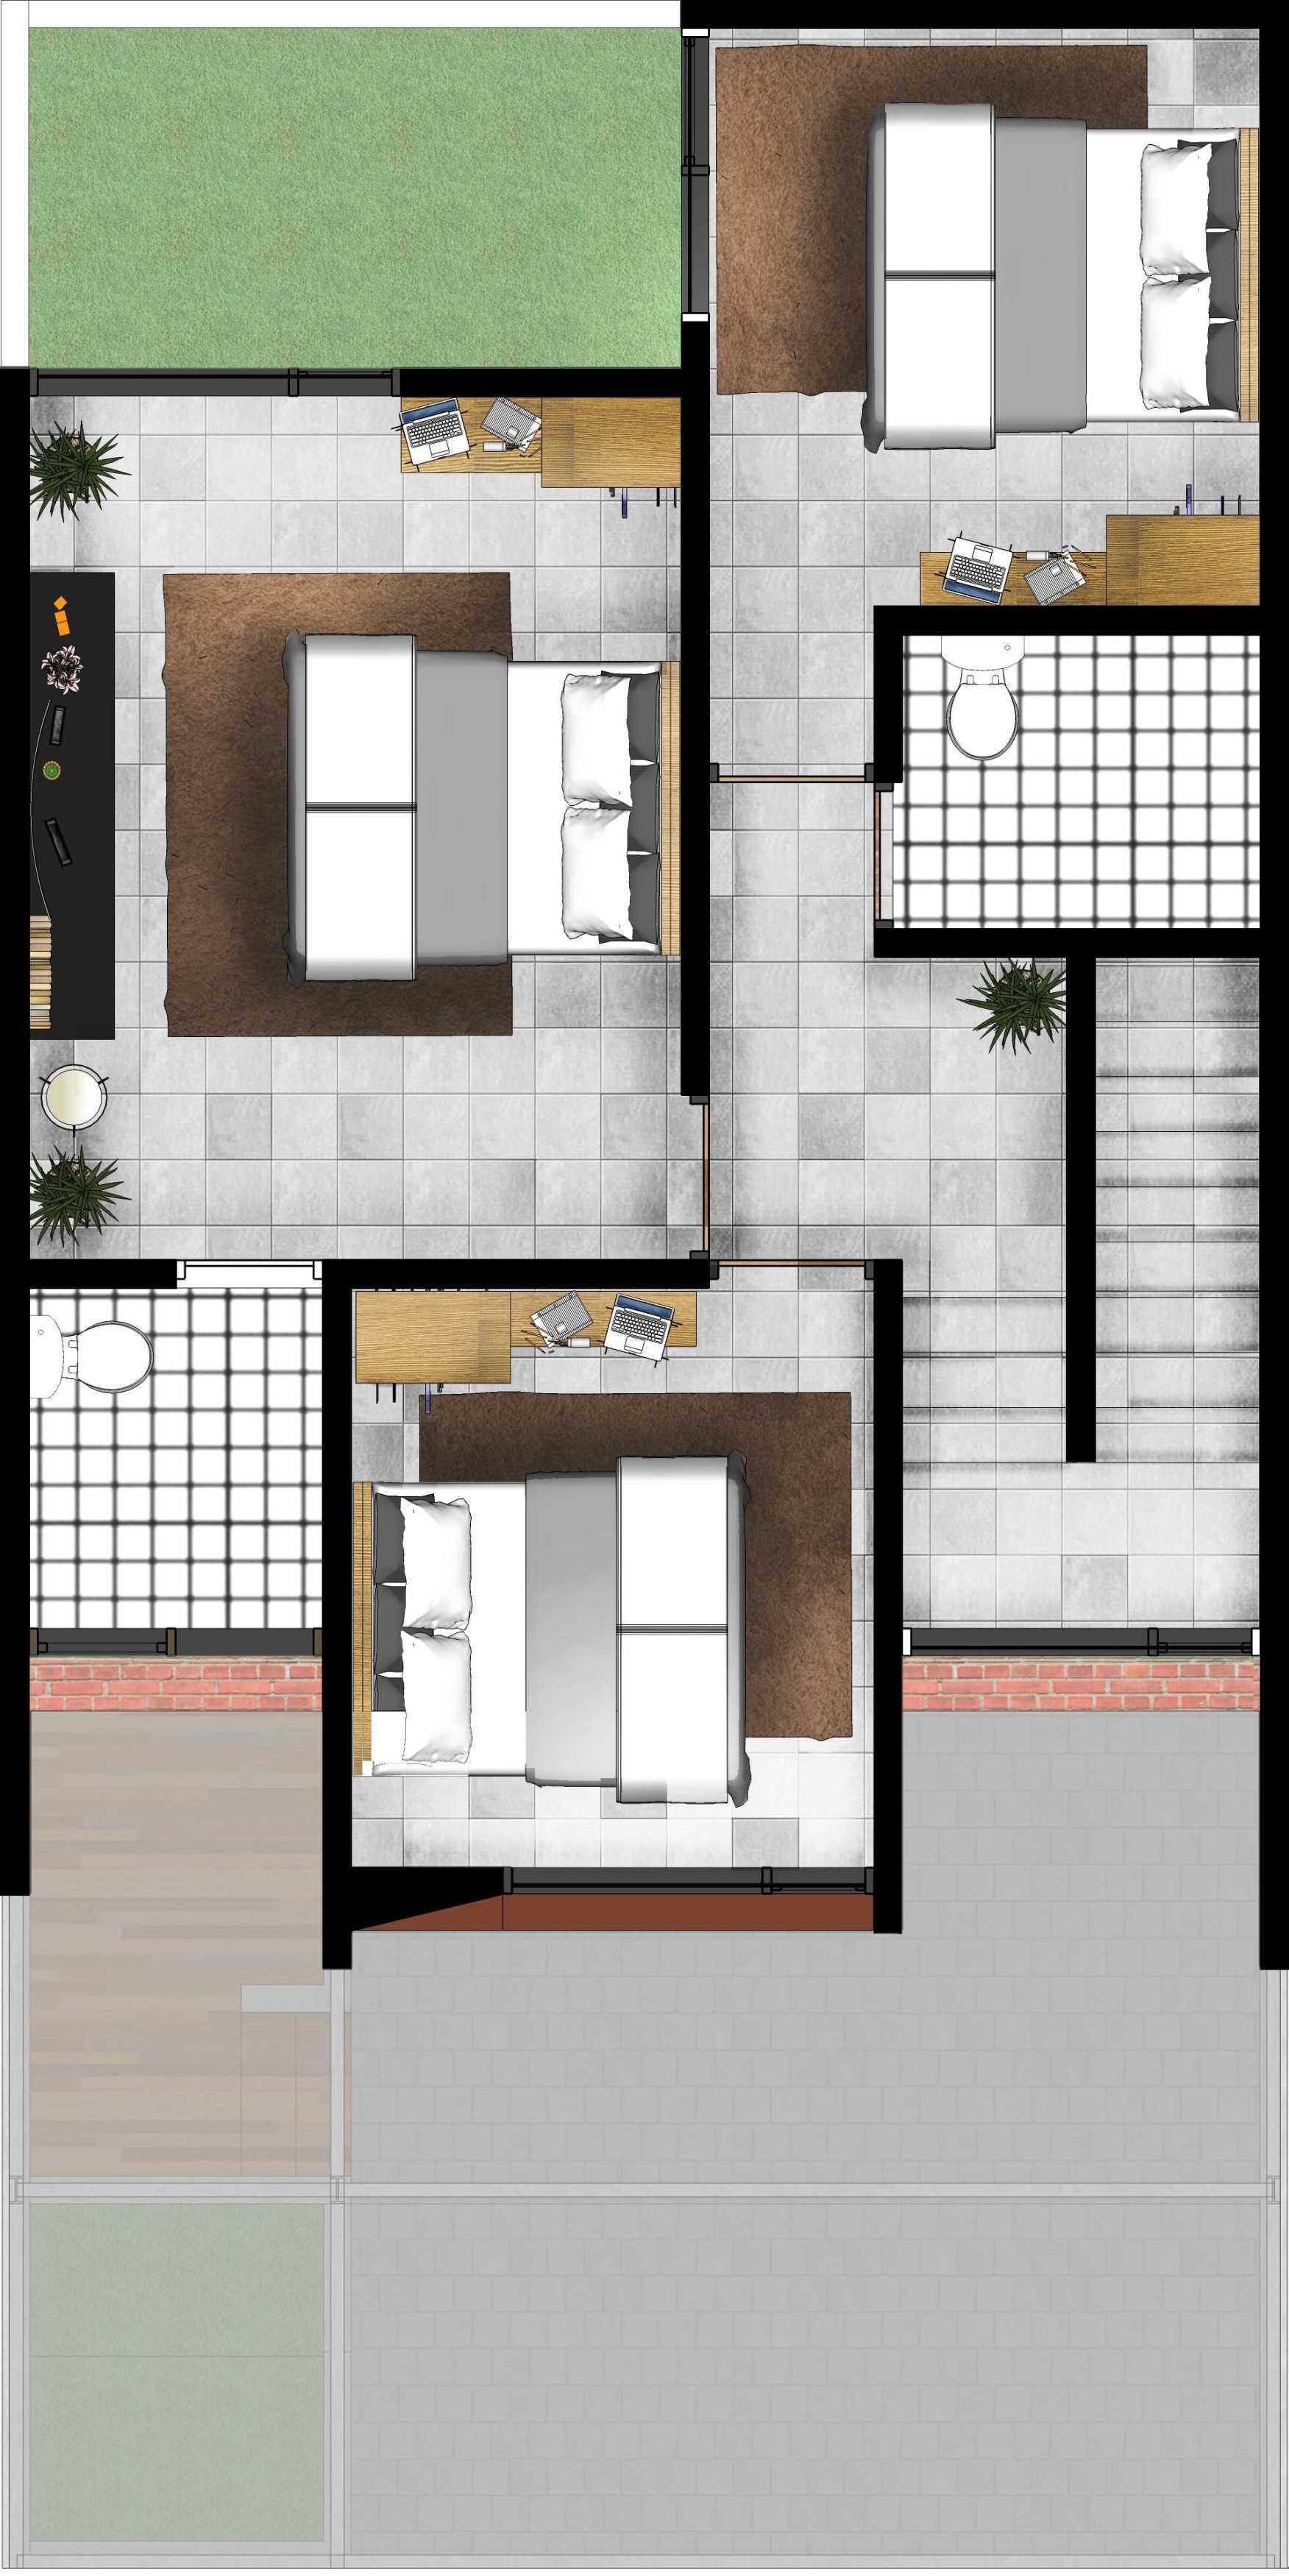 Gubah Ruang Studio Drn Residence Palembang, Kota Palembang, Sumatera Selatan, Indonesia Palembang, Kota Palembang, Sumatera Selatan, Indonesia Floorplan   50967